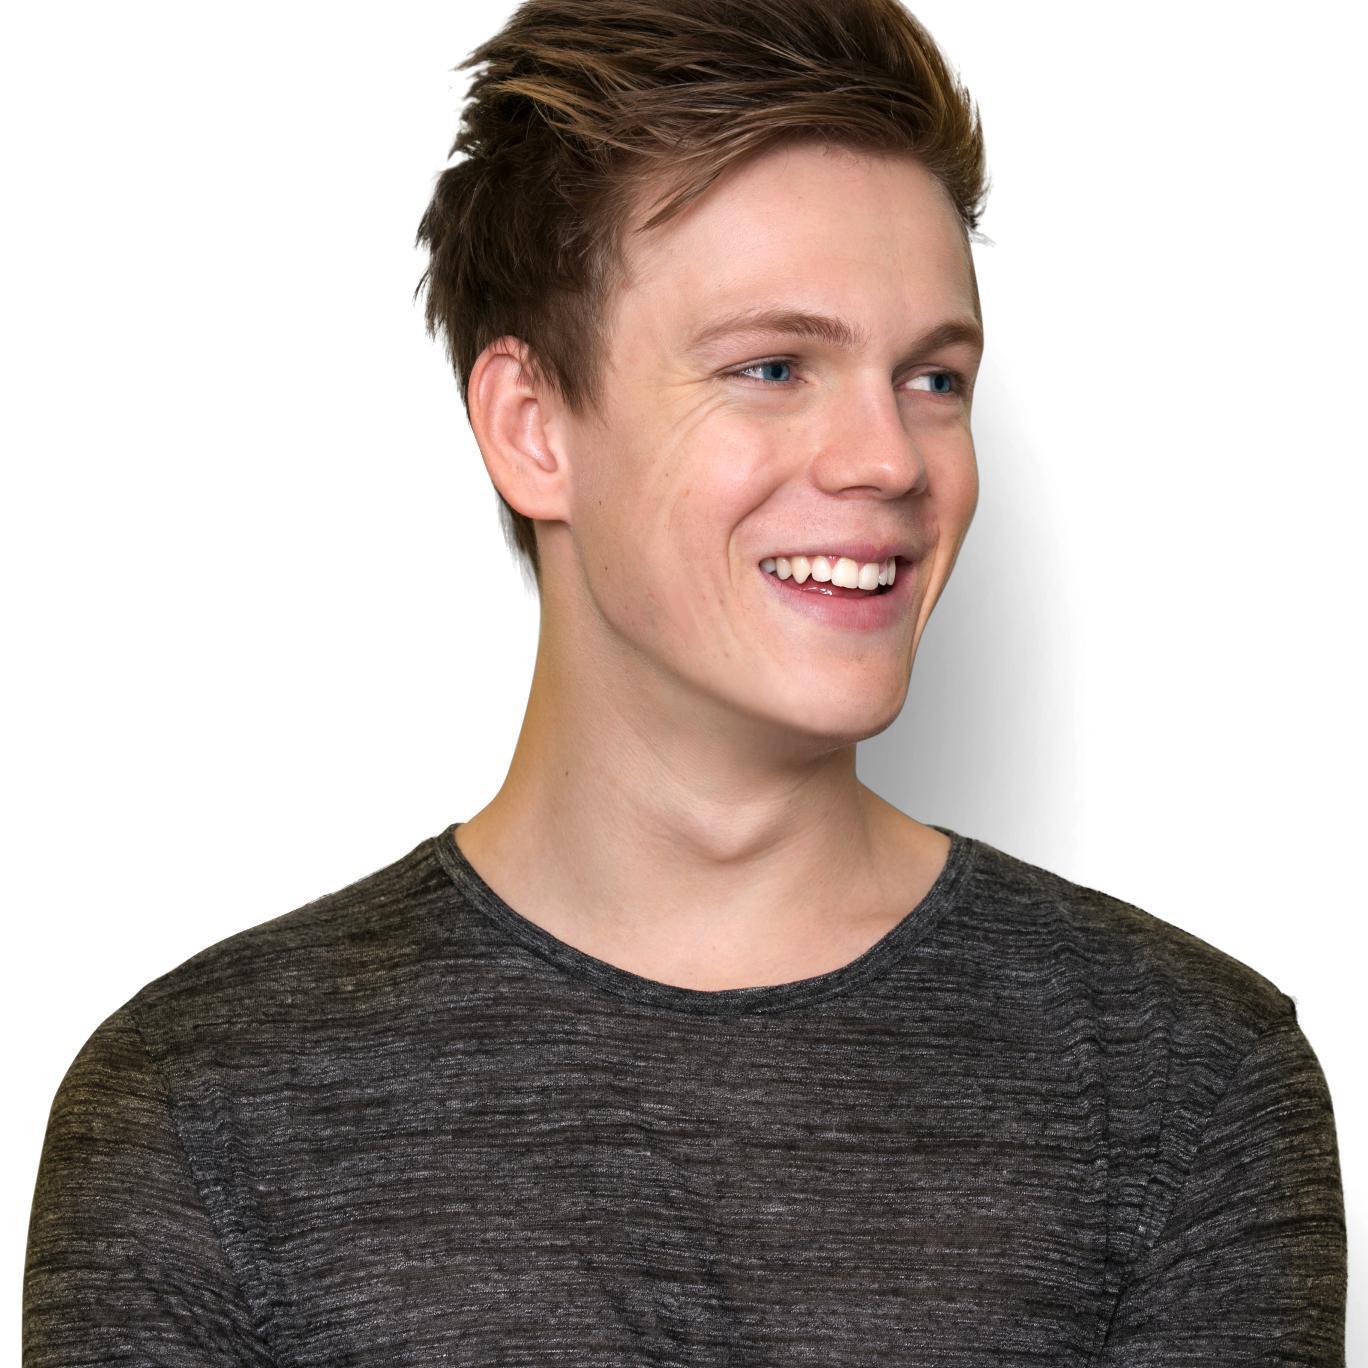 Web Video Star Caspar Lee - age: 23